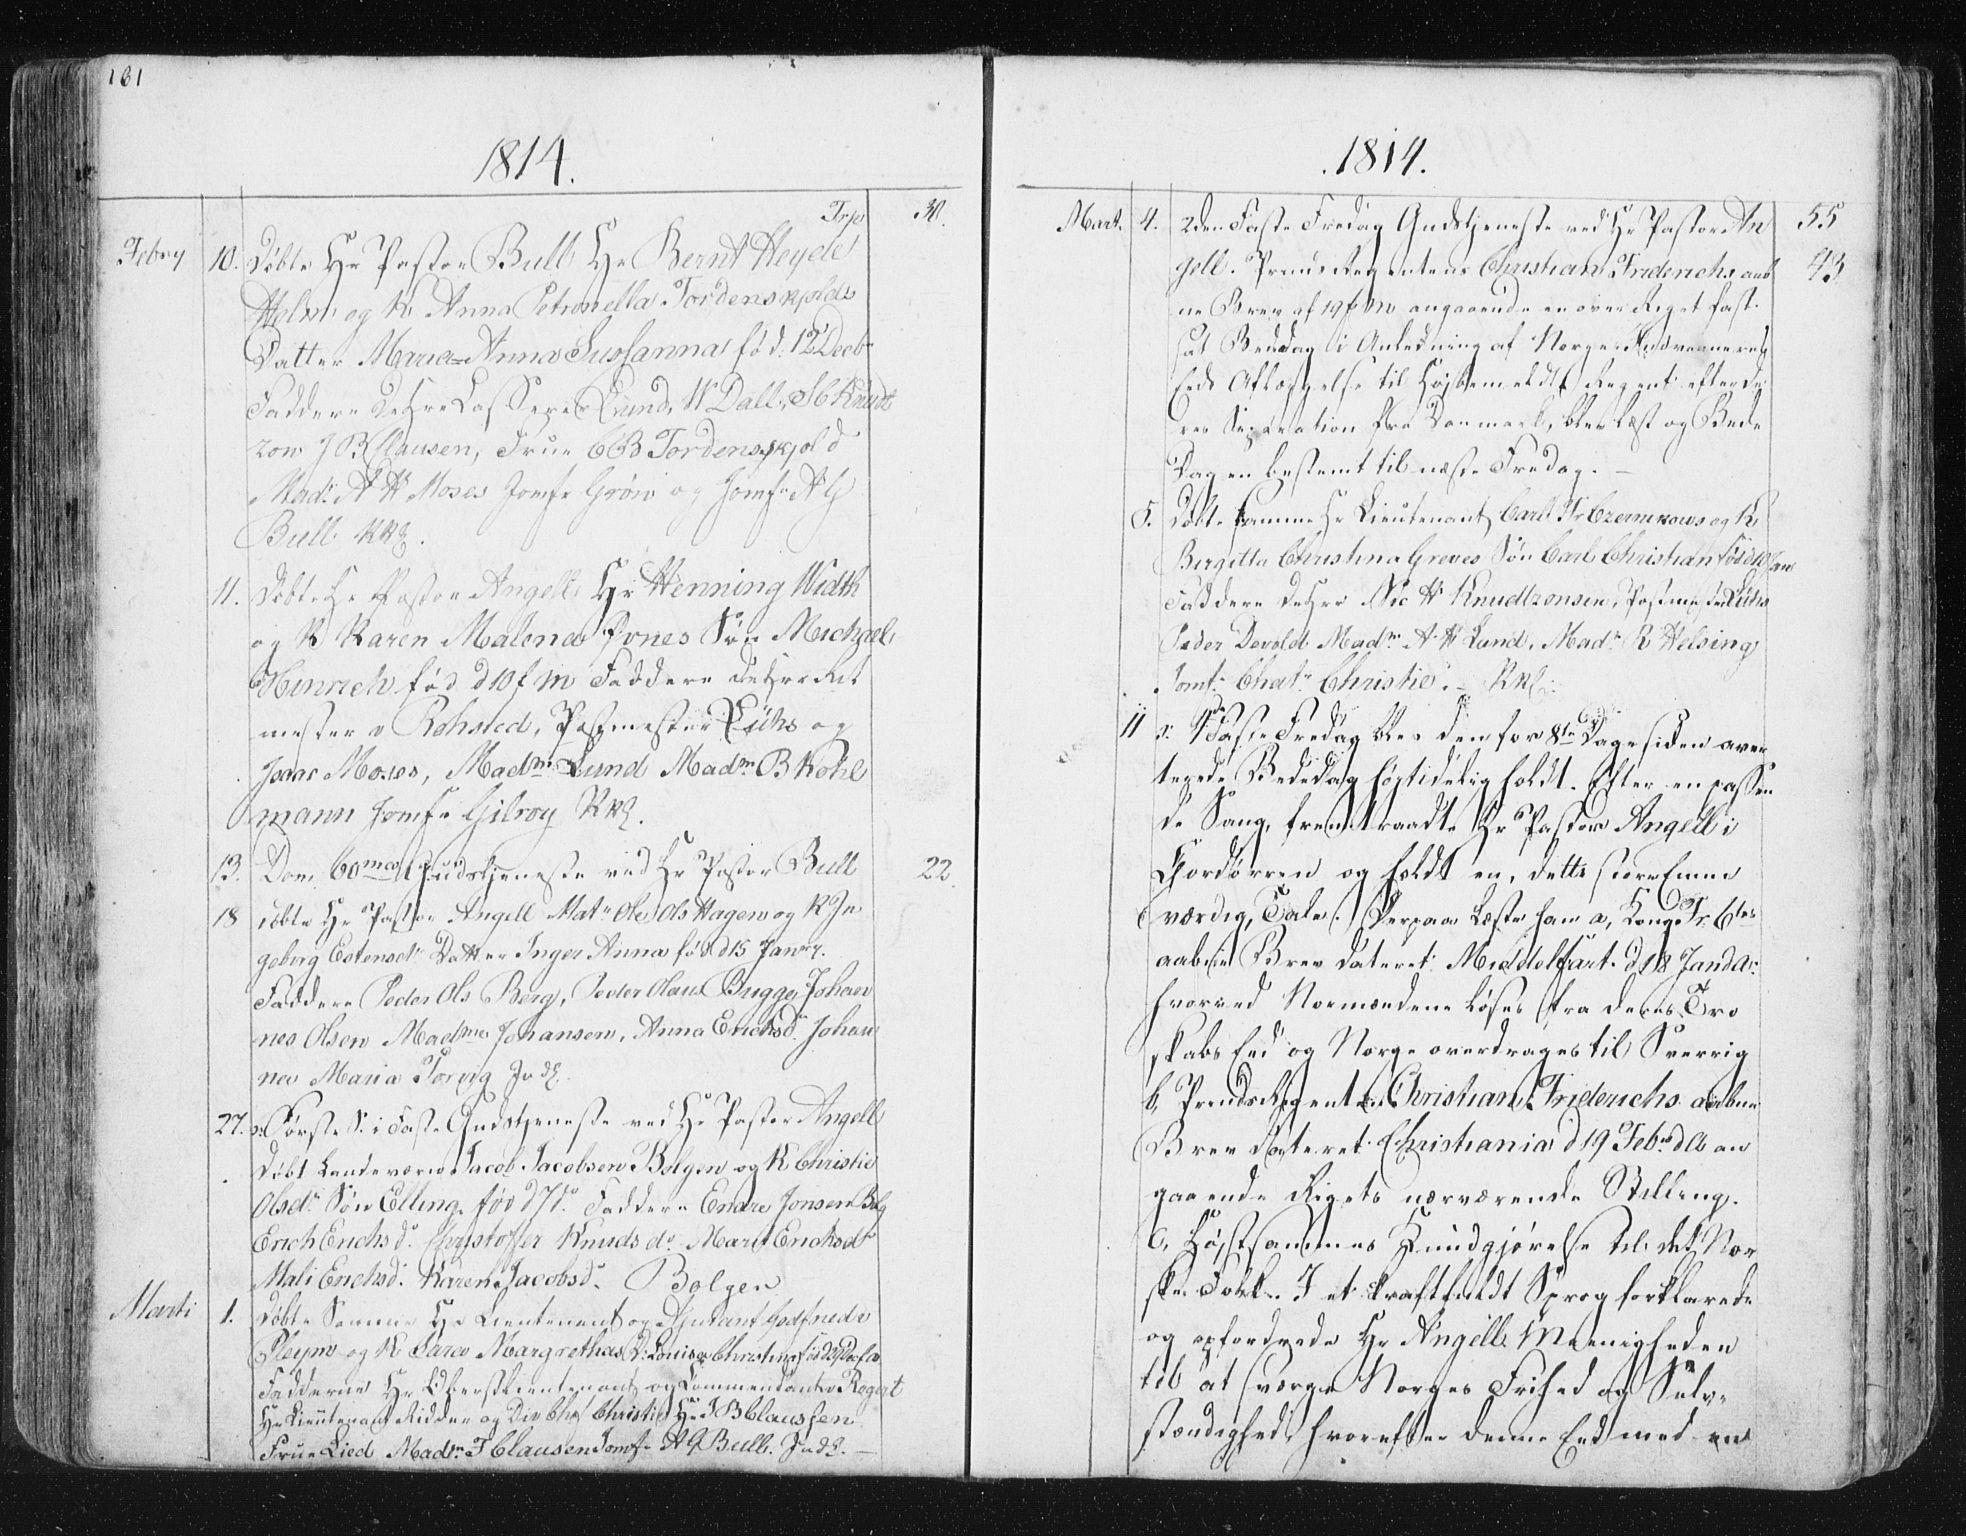 SAT, Ministerialprotokoller, klokkerbøker og fødselsregistre - Møre og Romsdal, 572/L0841: Ministerialbok nr. 572A04, 1784-1819, s. 161